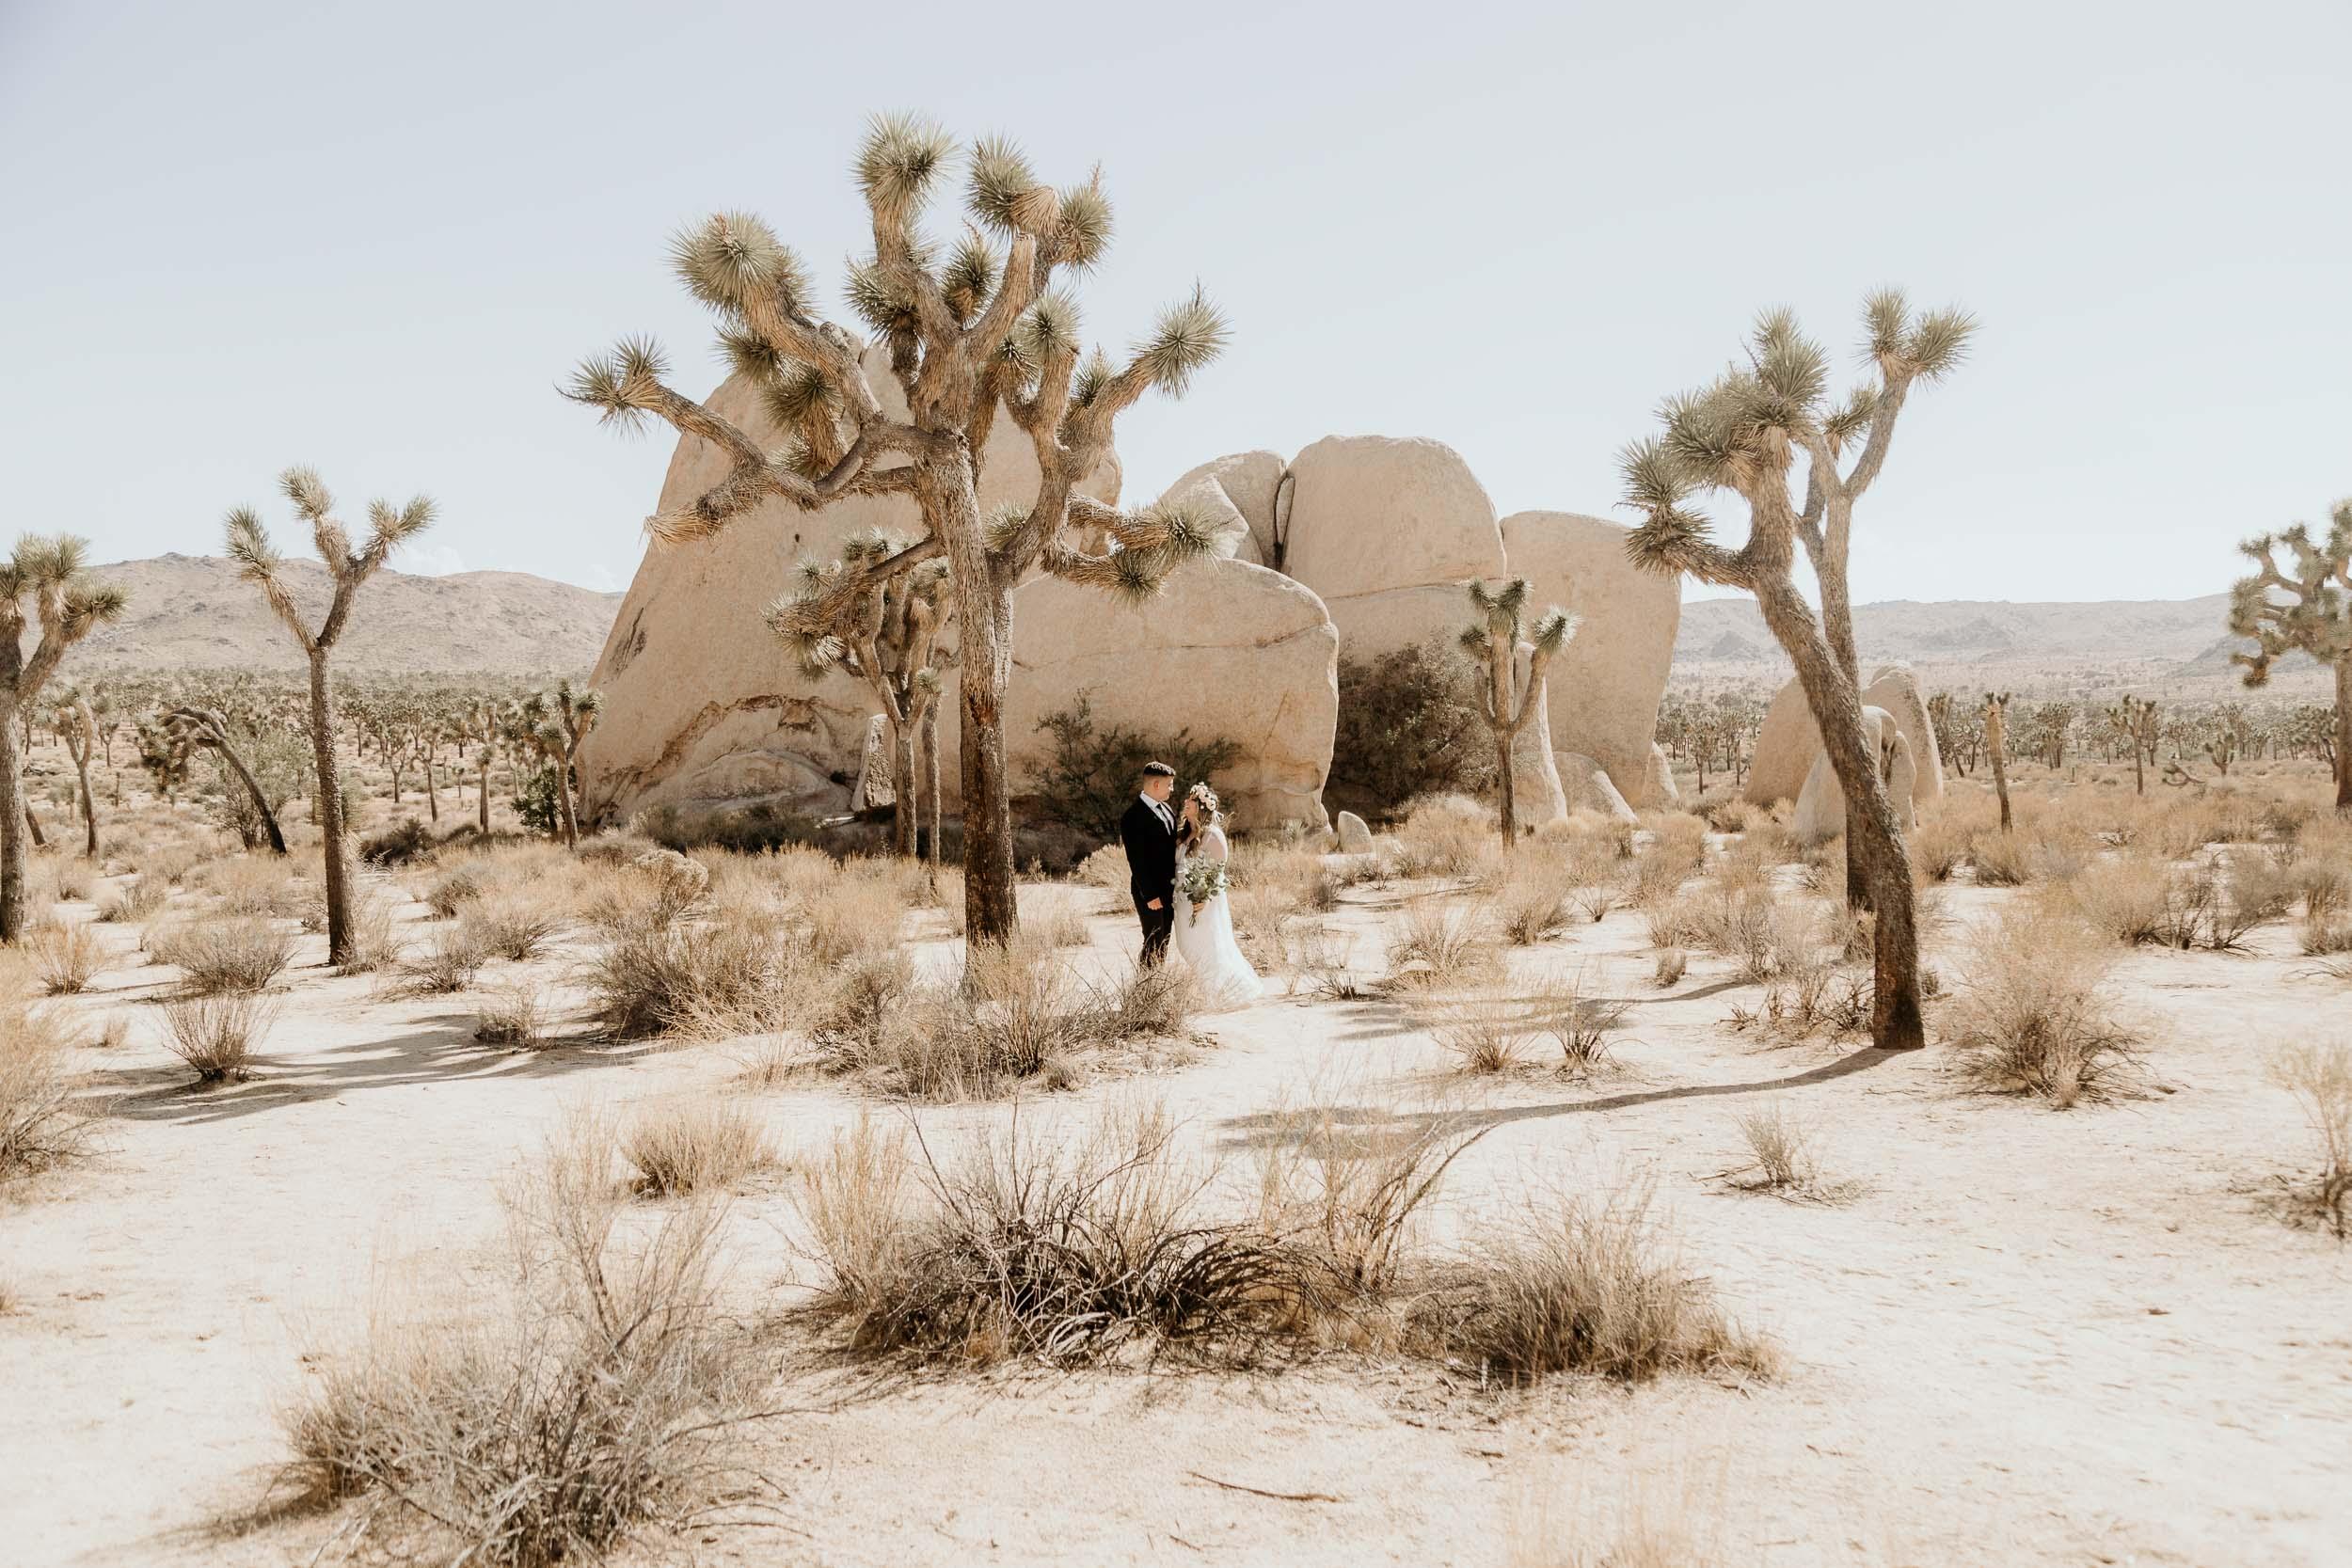 intimate-wedding-elopement-photographer-ottawa-joshua-tree-9971.jpg